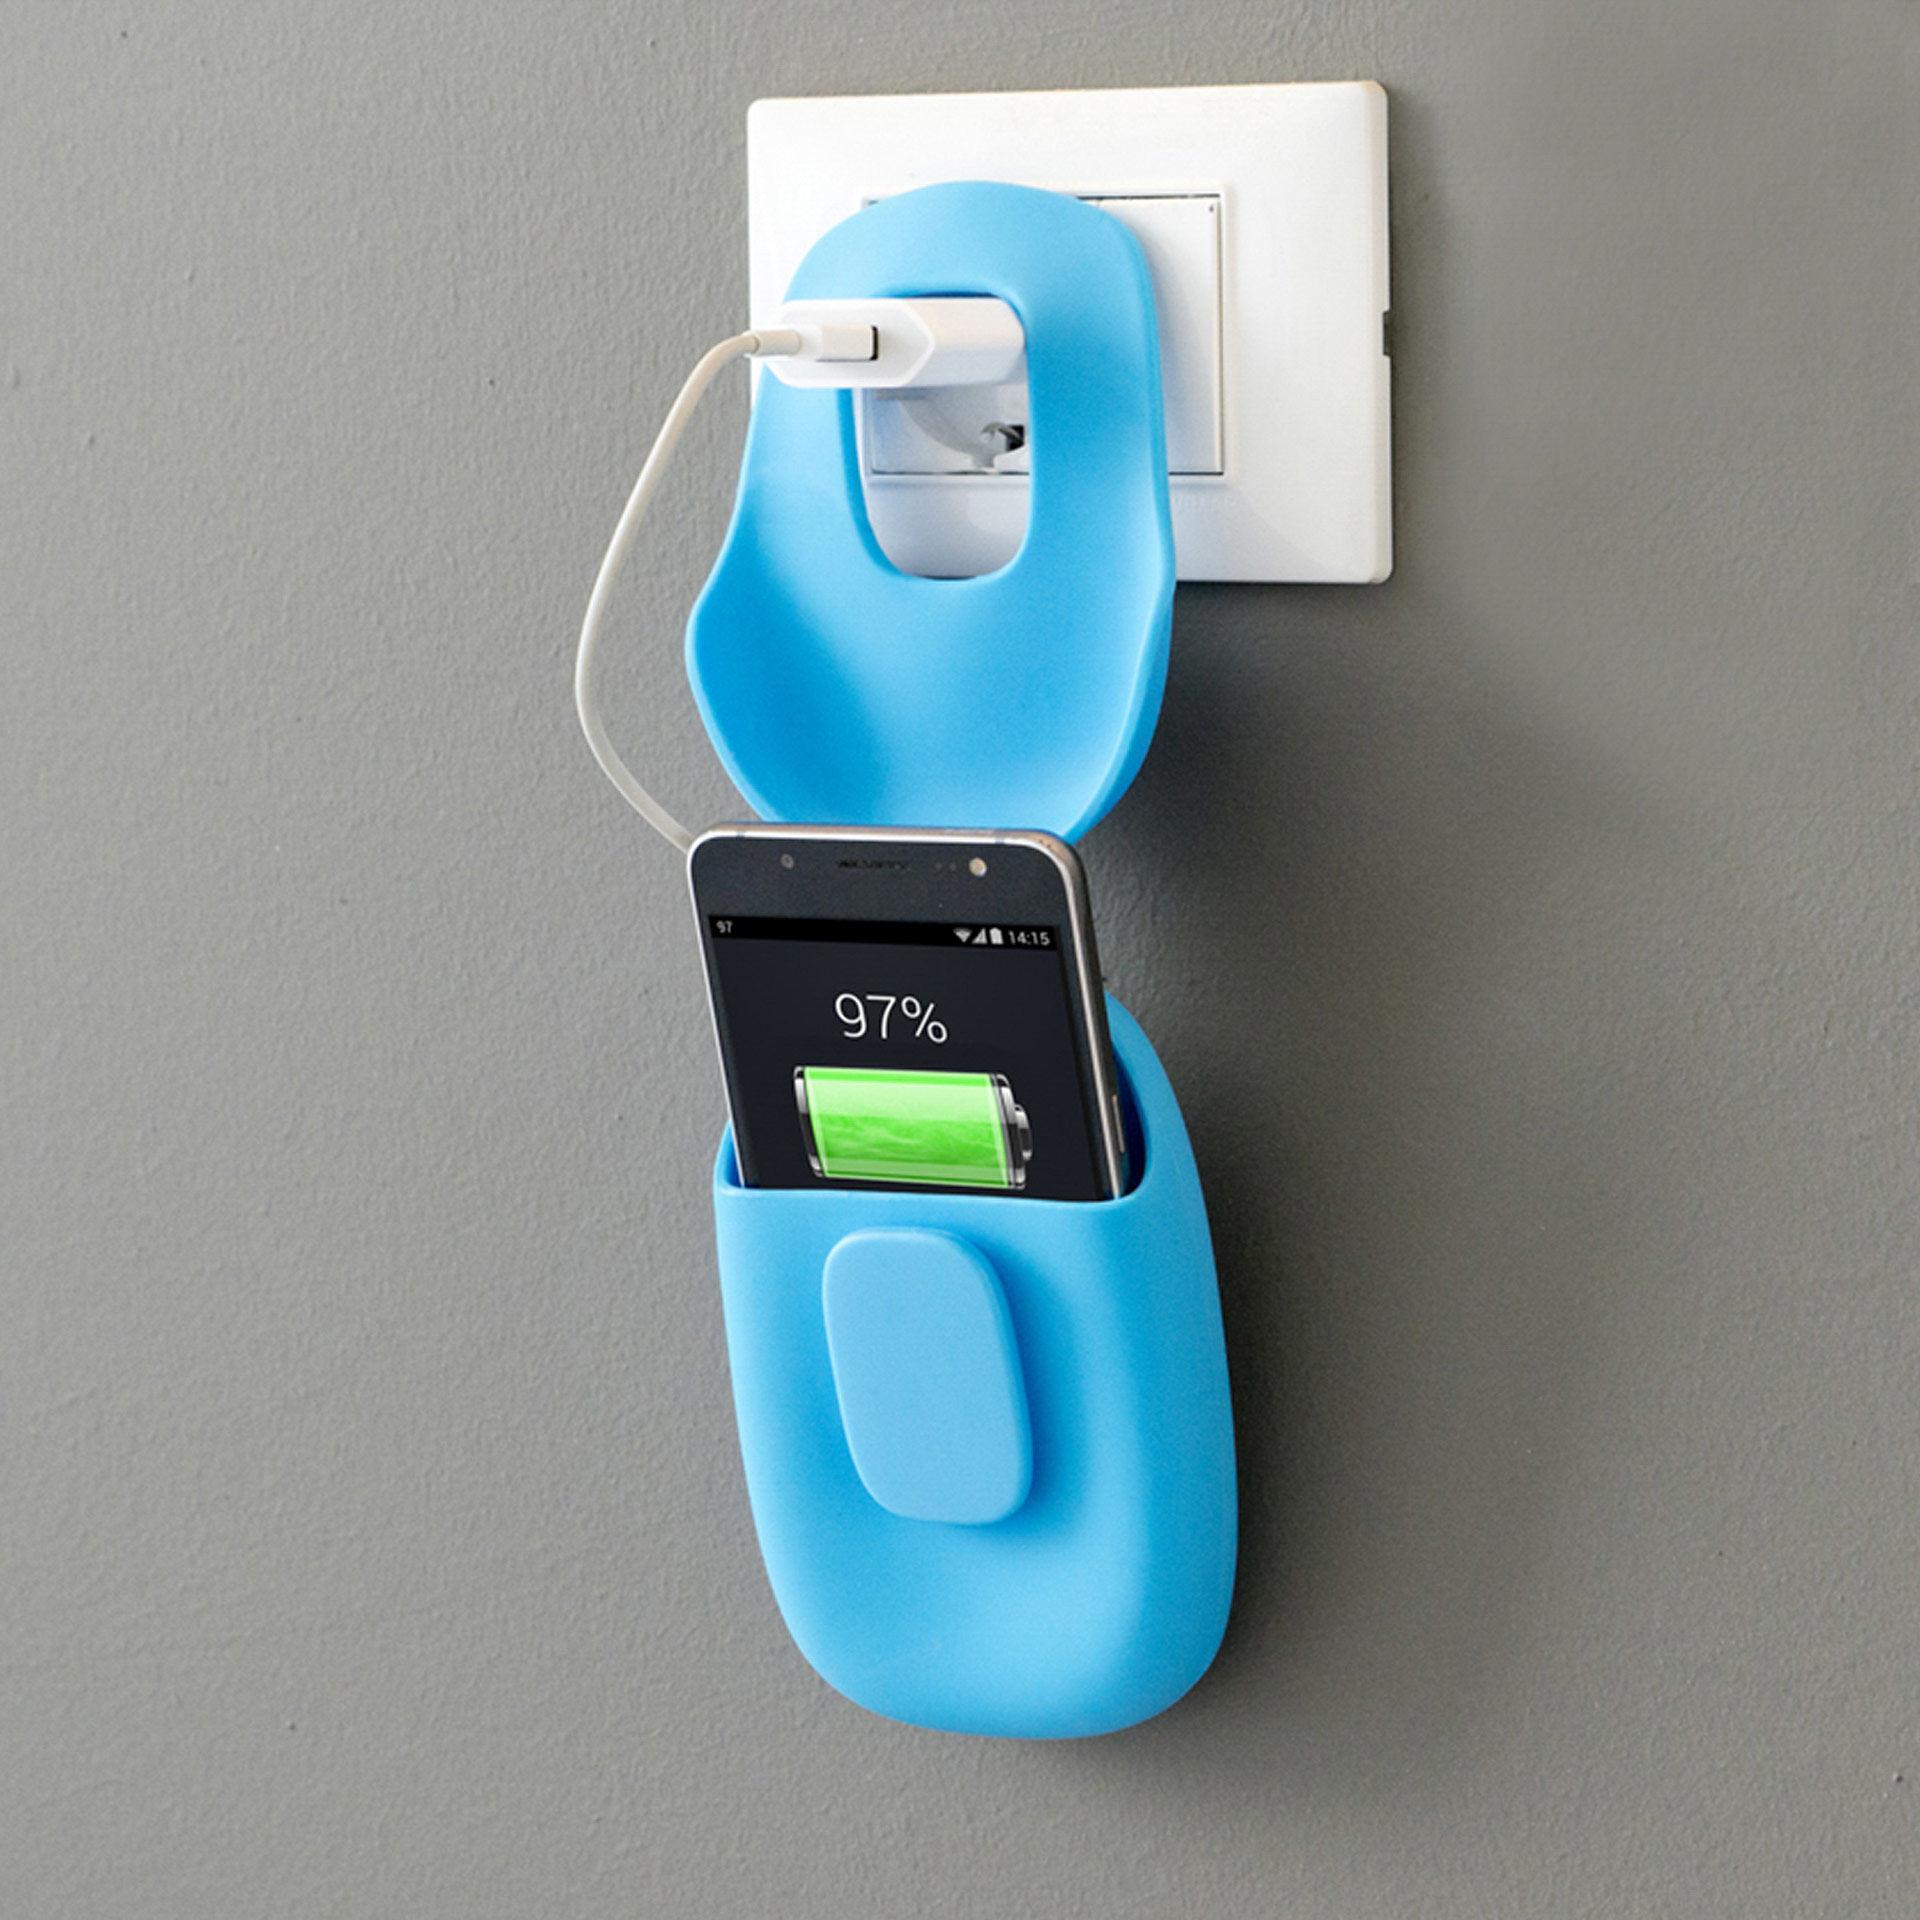 Organisateur de recharge pour téléphone portable bleu, , large